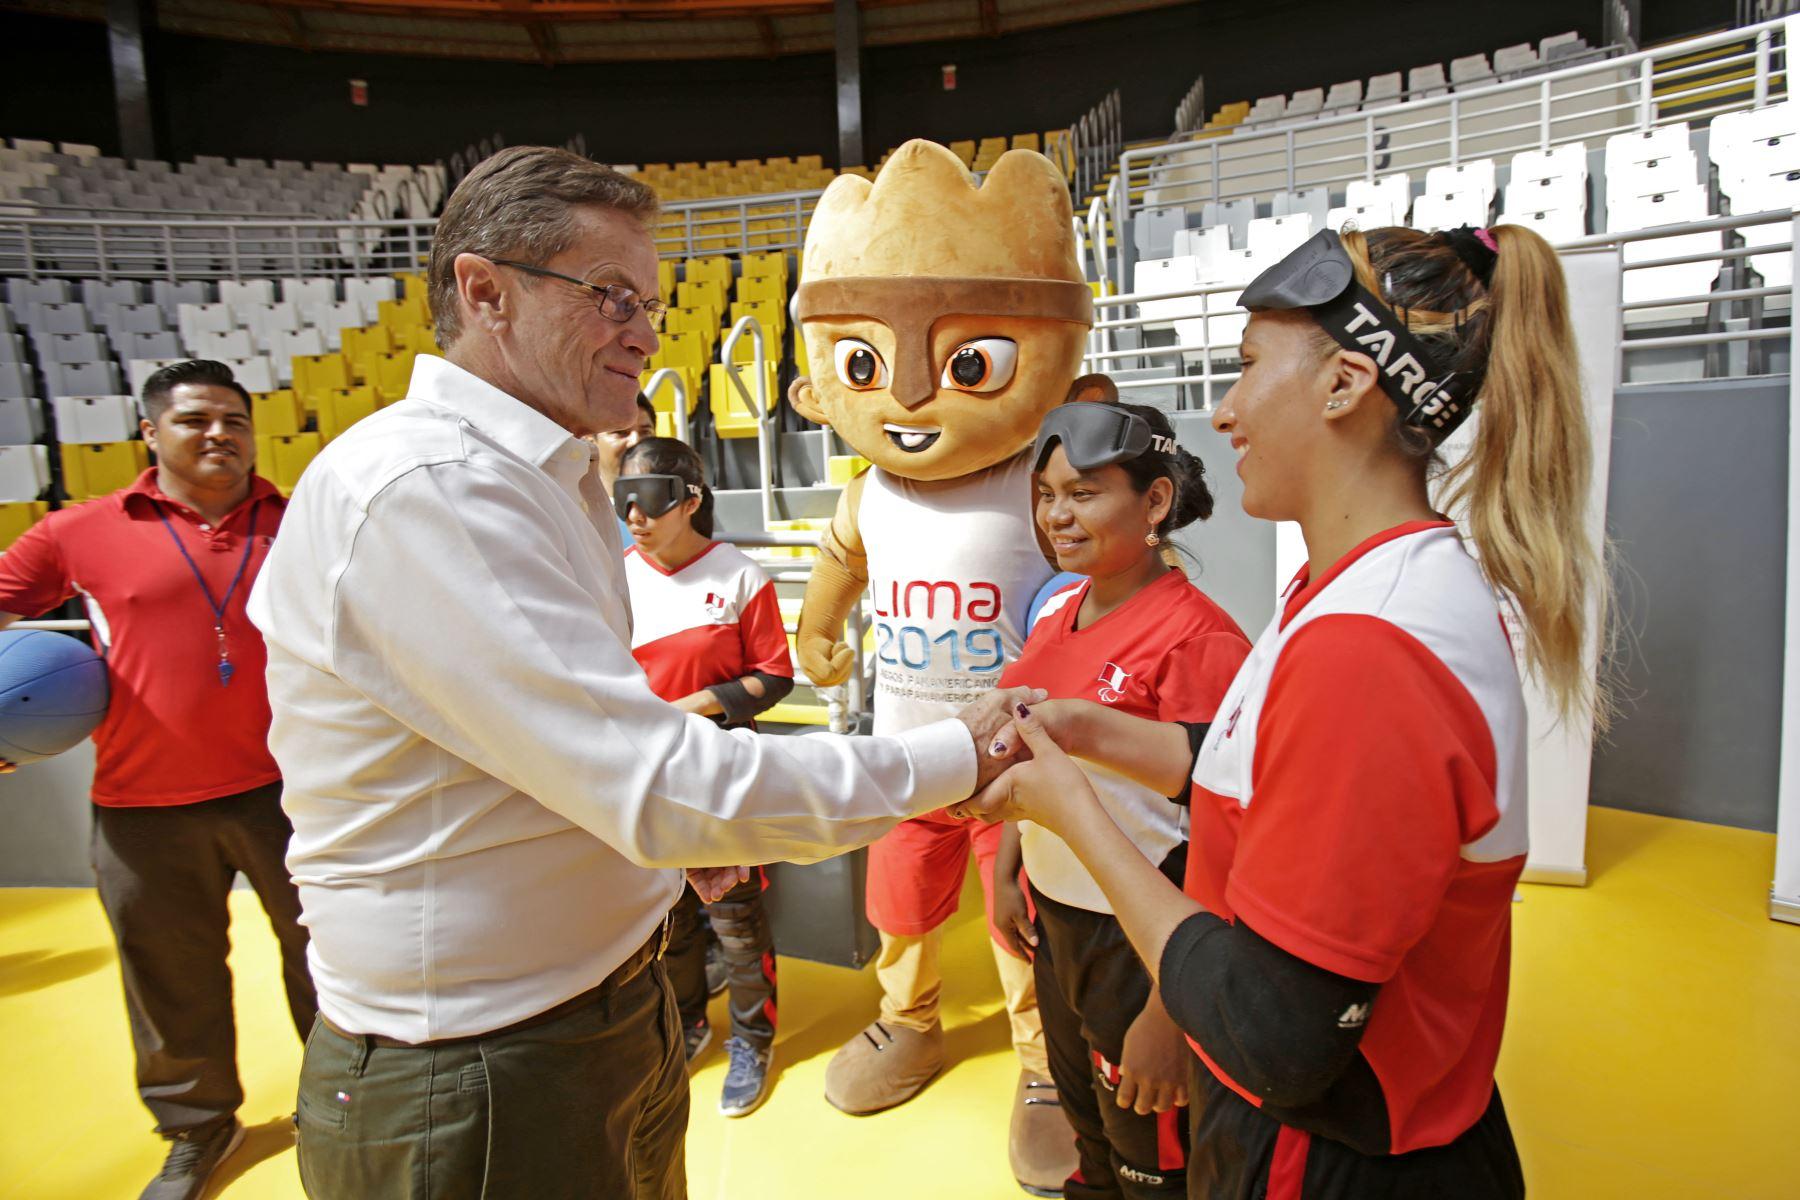 Lima 2019 entrega la Villa Regional del Callao, a 100 días de los Juegos Panamericanos. Foto: ANDINA/Lima 2019